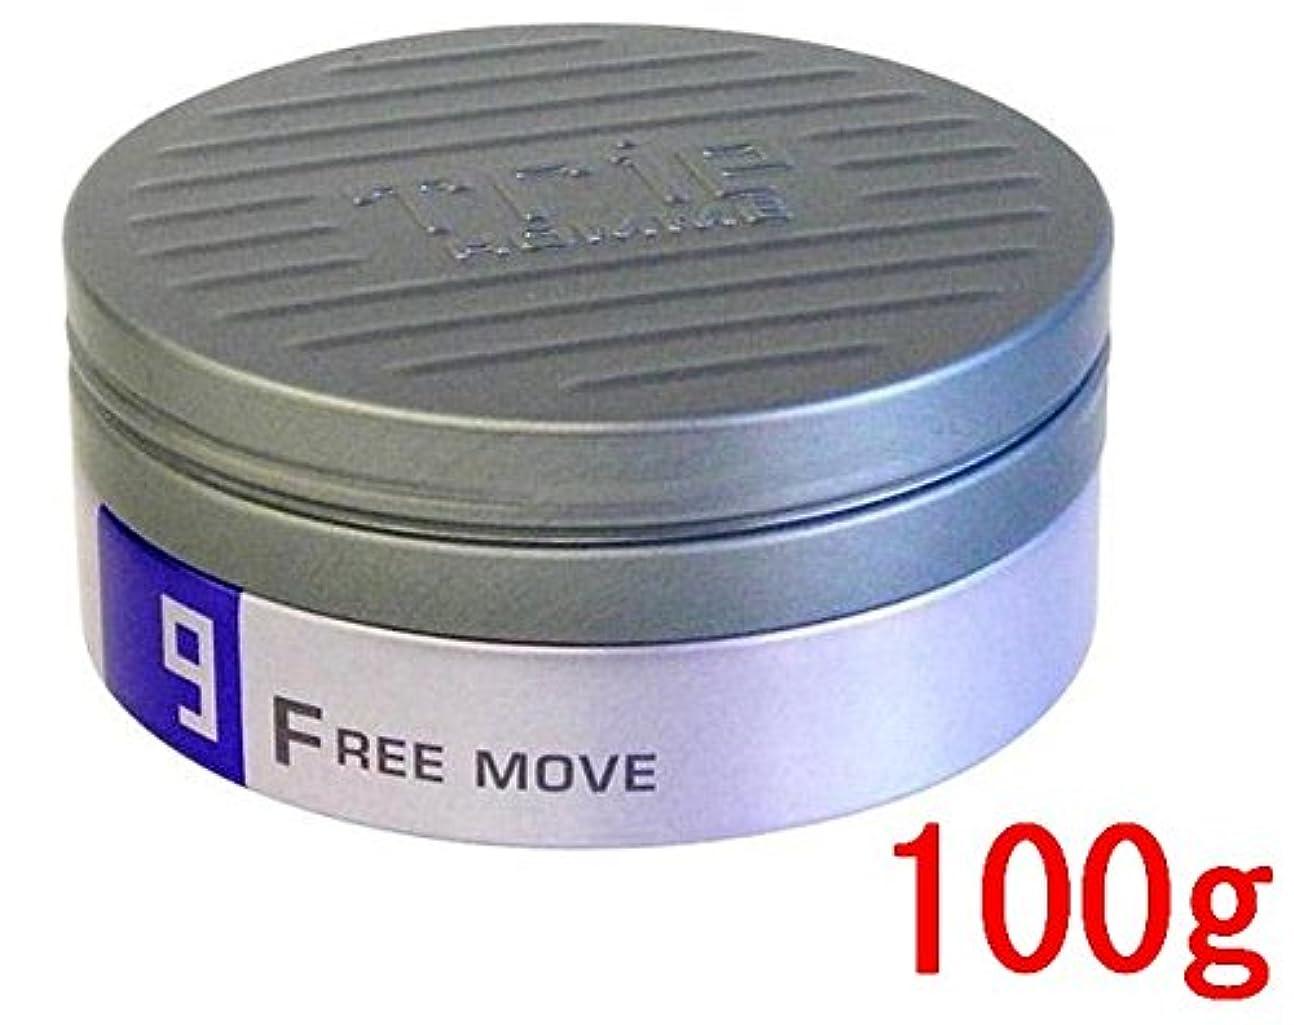 金属ヘクタール頼るルベル トリエオム フリームーブ9 100g